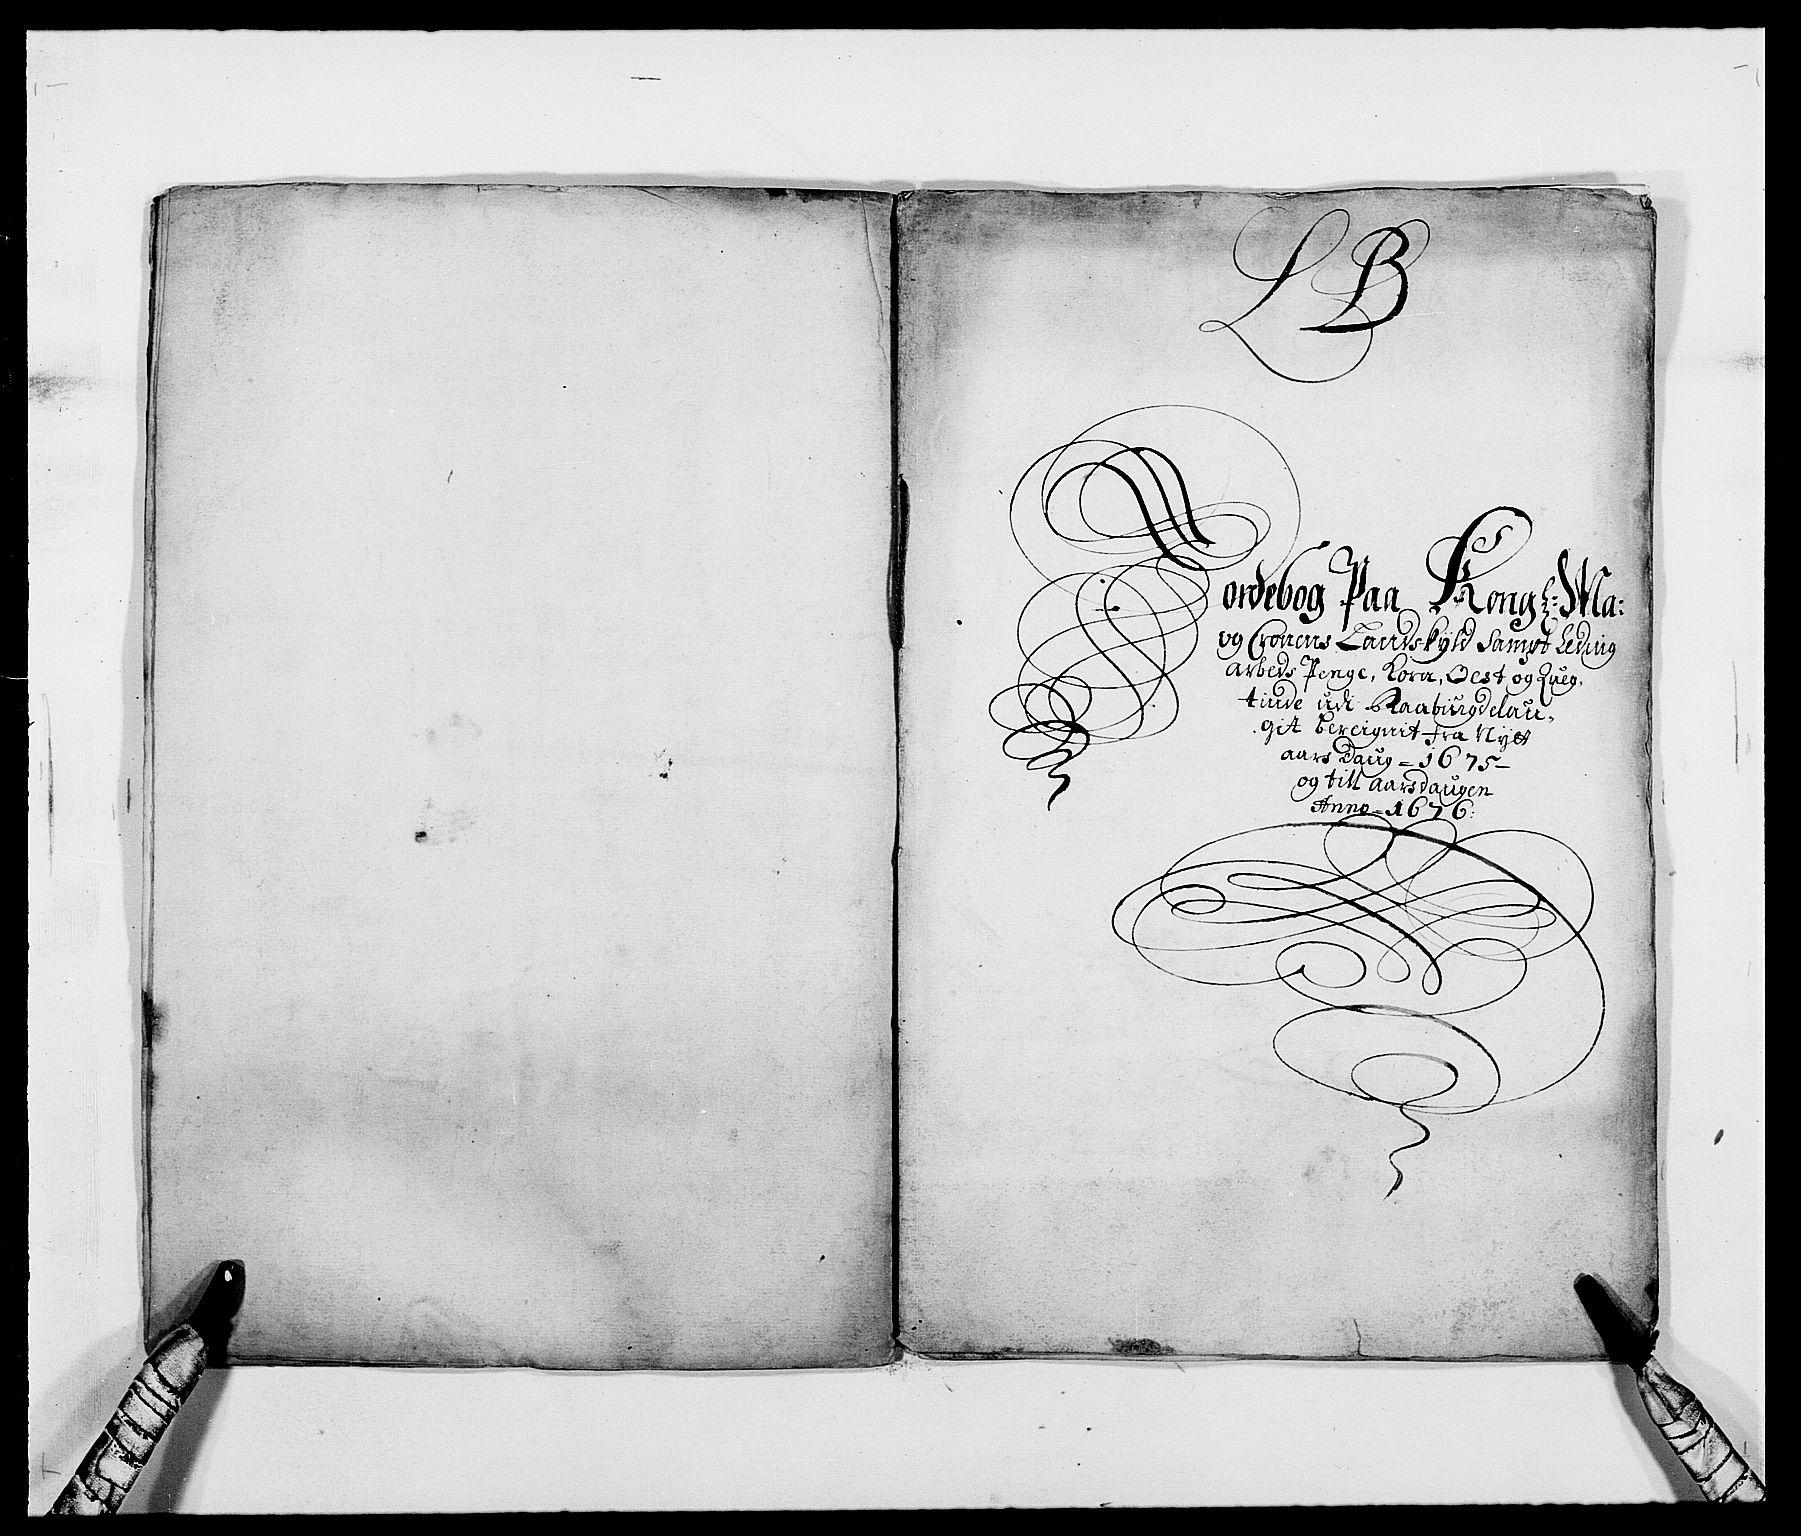 RA, Rentekammeret inntil 1814, Reviderte regnskaper, Fogderegnskap, R40/L2434: Fogderegnskap Råbyggelag, 1675-1676, s. 11